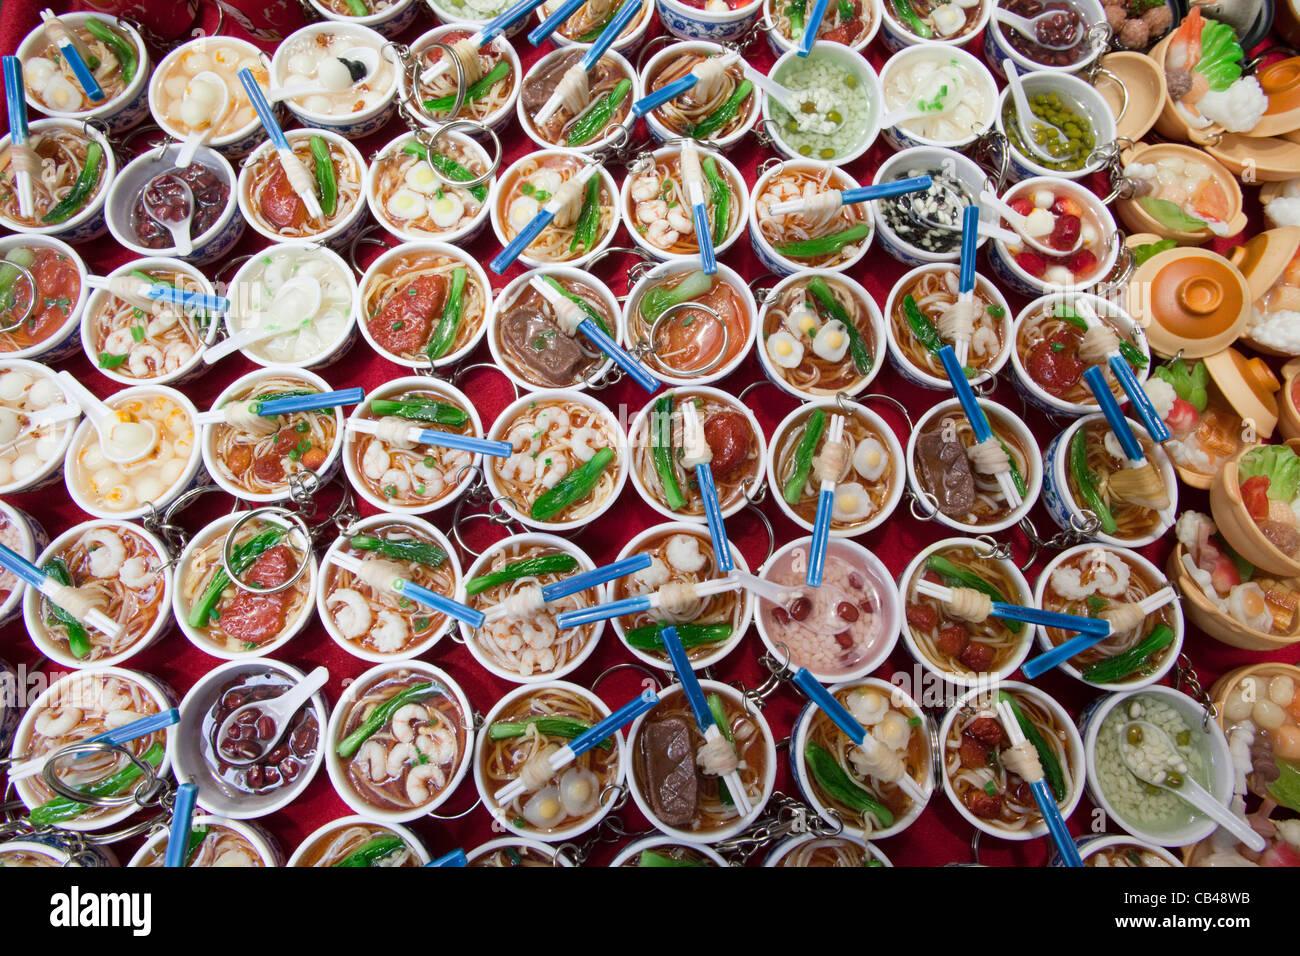 China, Hong Kong, Stanley Market, Souvenir Keyrings of Chinese Bowls of Food Stock Photo